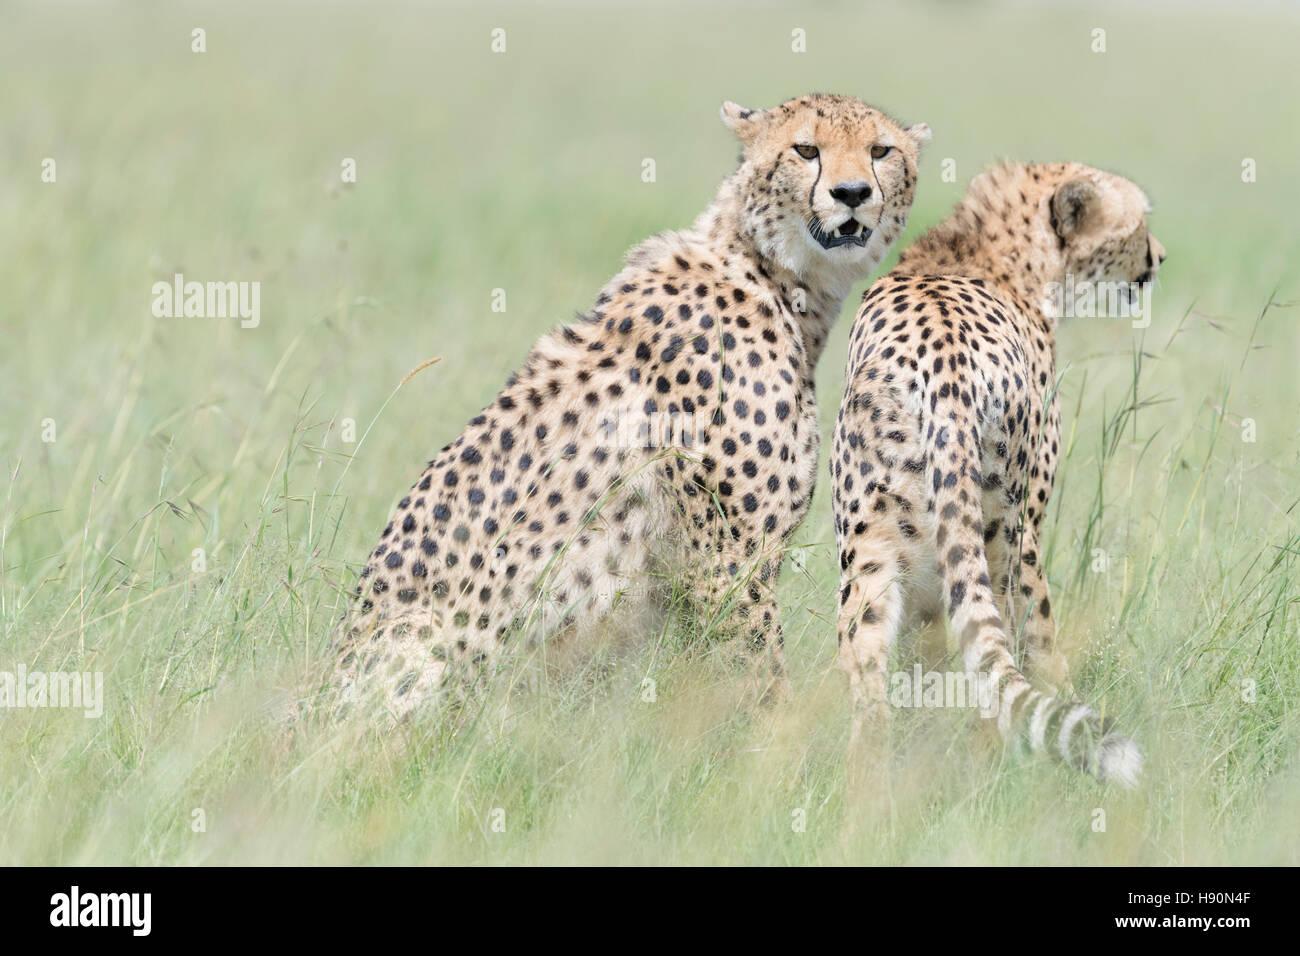 Two Cheetah (Acinonix jubatus) on the look out at savanna, Maasai Mara National Reserve, Kenya - Stock Image